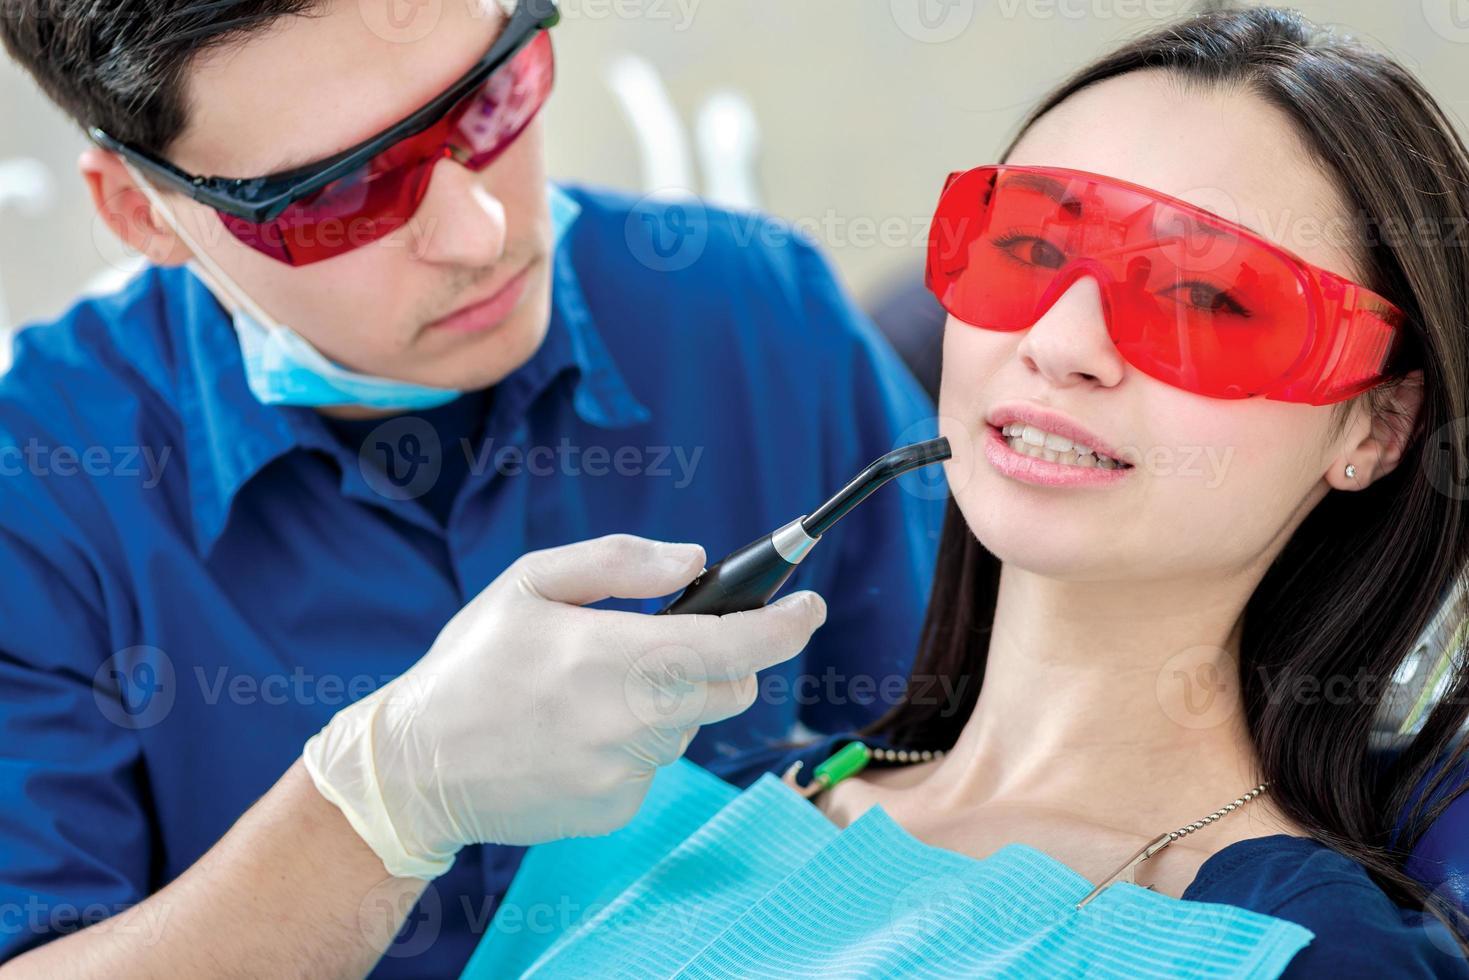 processus dentaire. dentiste tenant une lampe ultraviolette dans la bouche photo